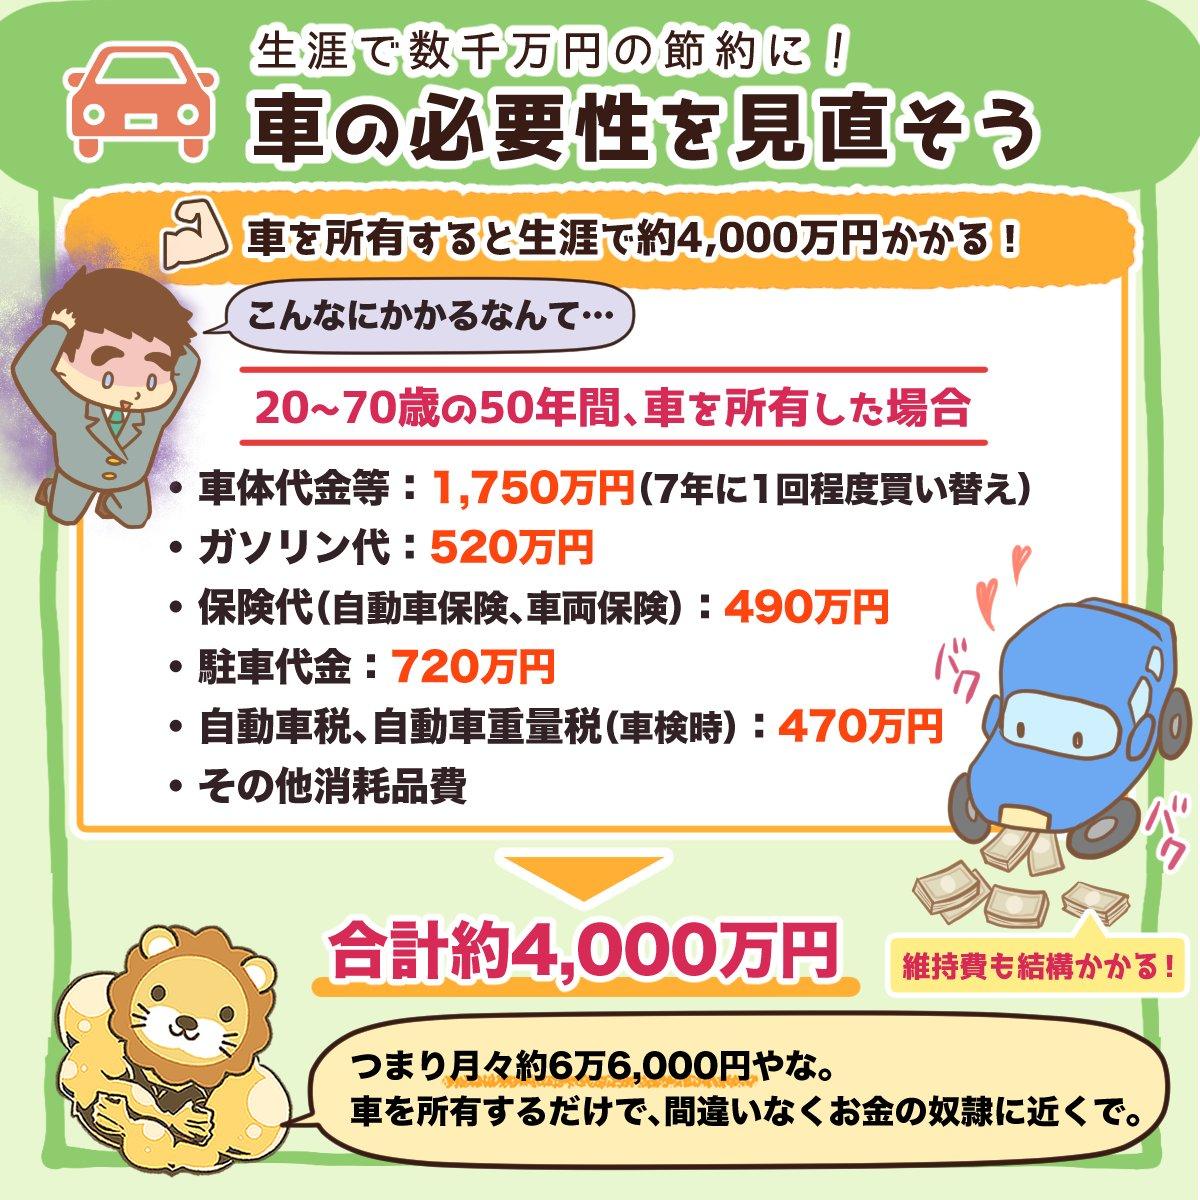 f:id:fuyuko1029:20210327174828p:plain